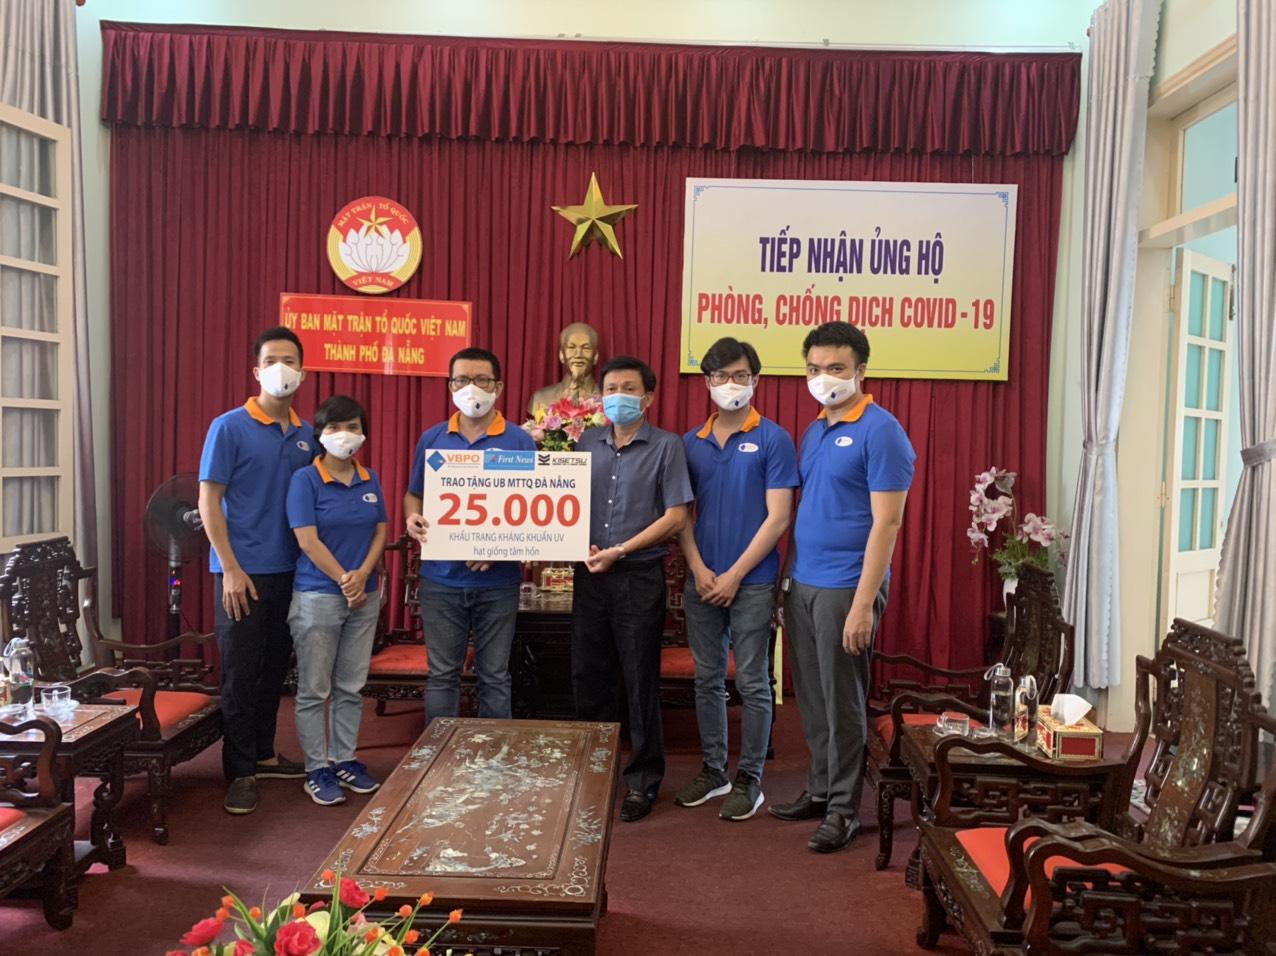 First News và các doanh nghiệp tặng 25.000 khẩu trang vải và sách cho người dân Đà Nẵng - Ảnh 3.